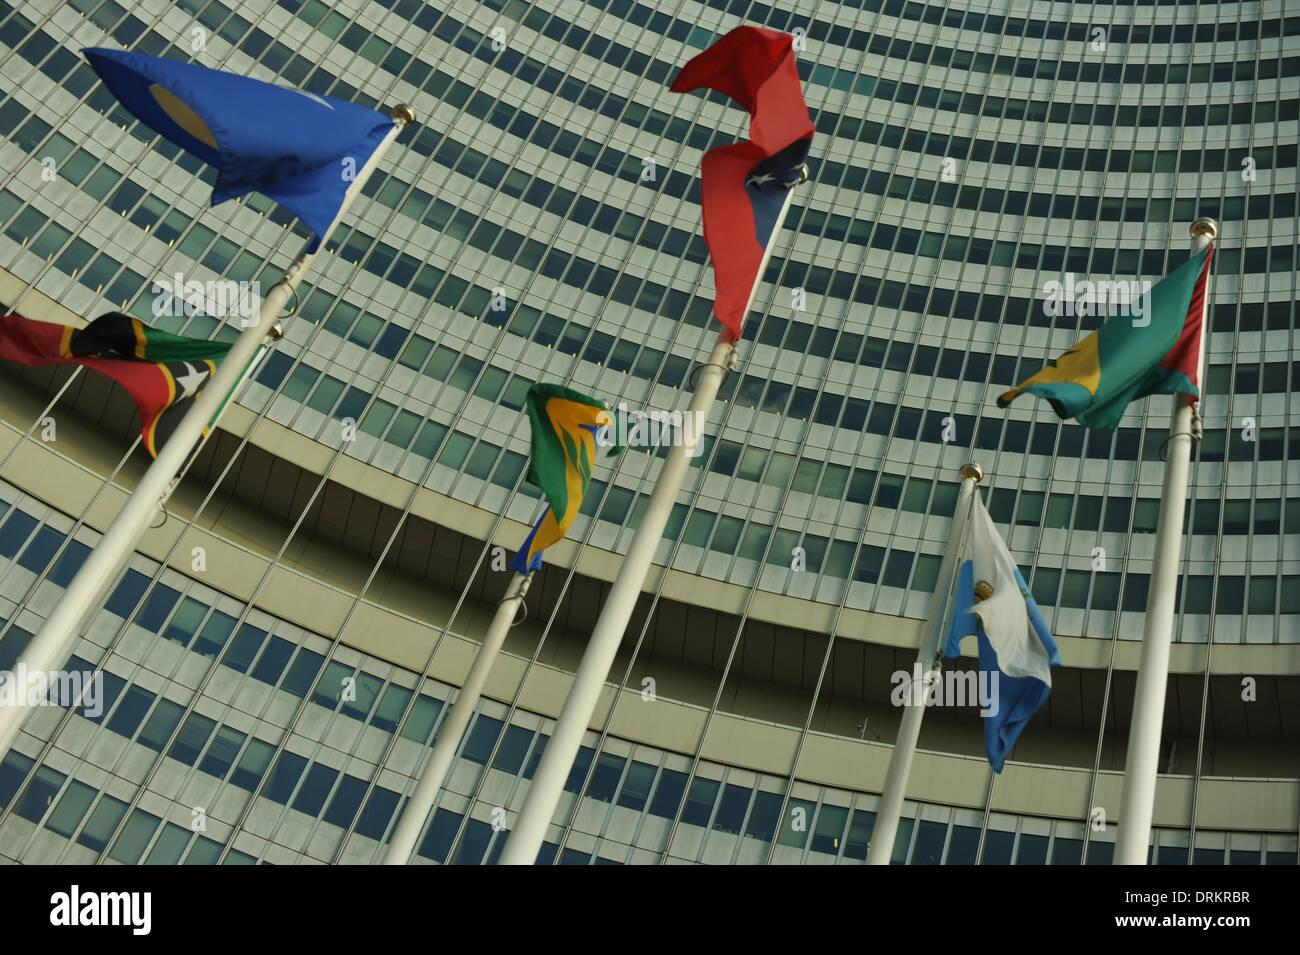 UNO City in der Donaustadt, Wien, Österreich. - Stock Image